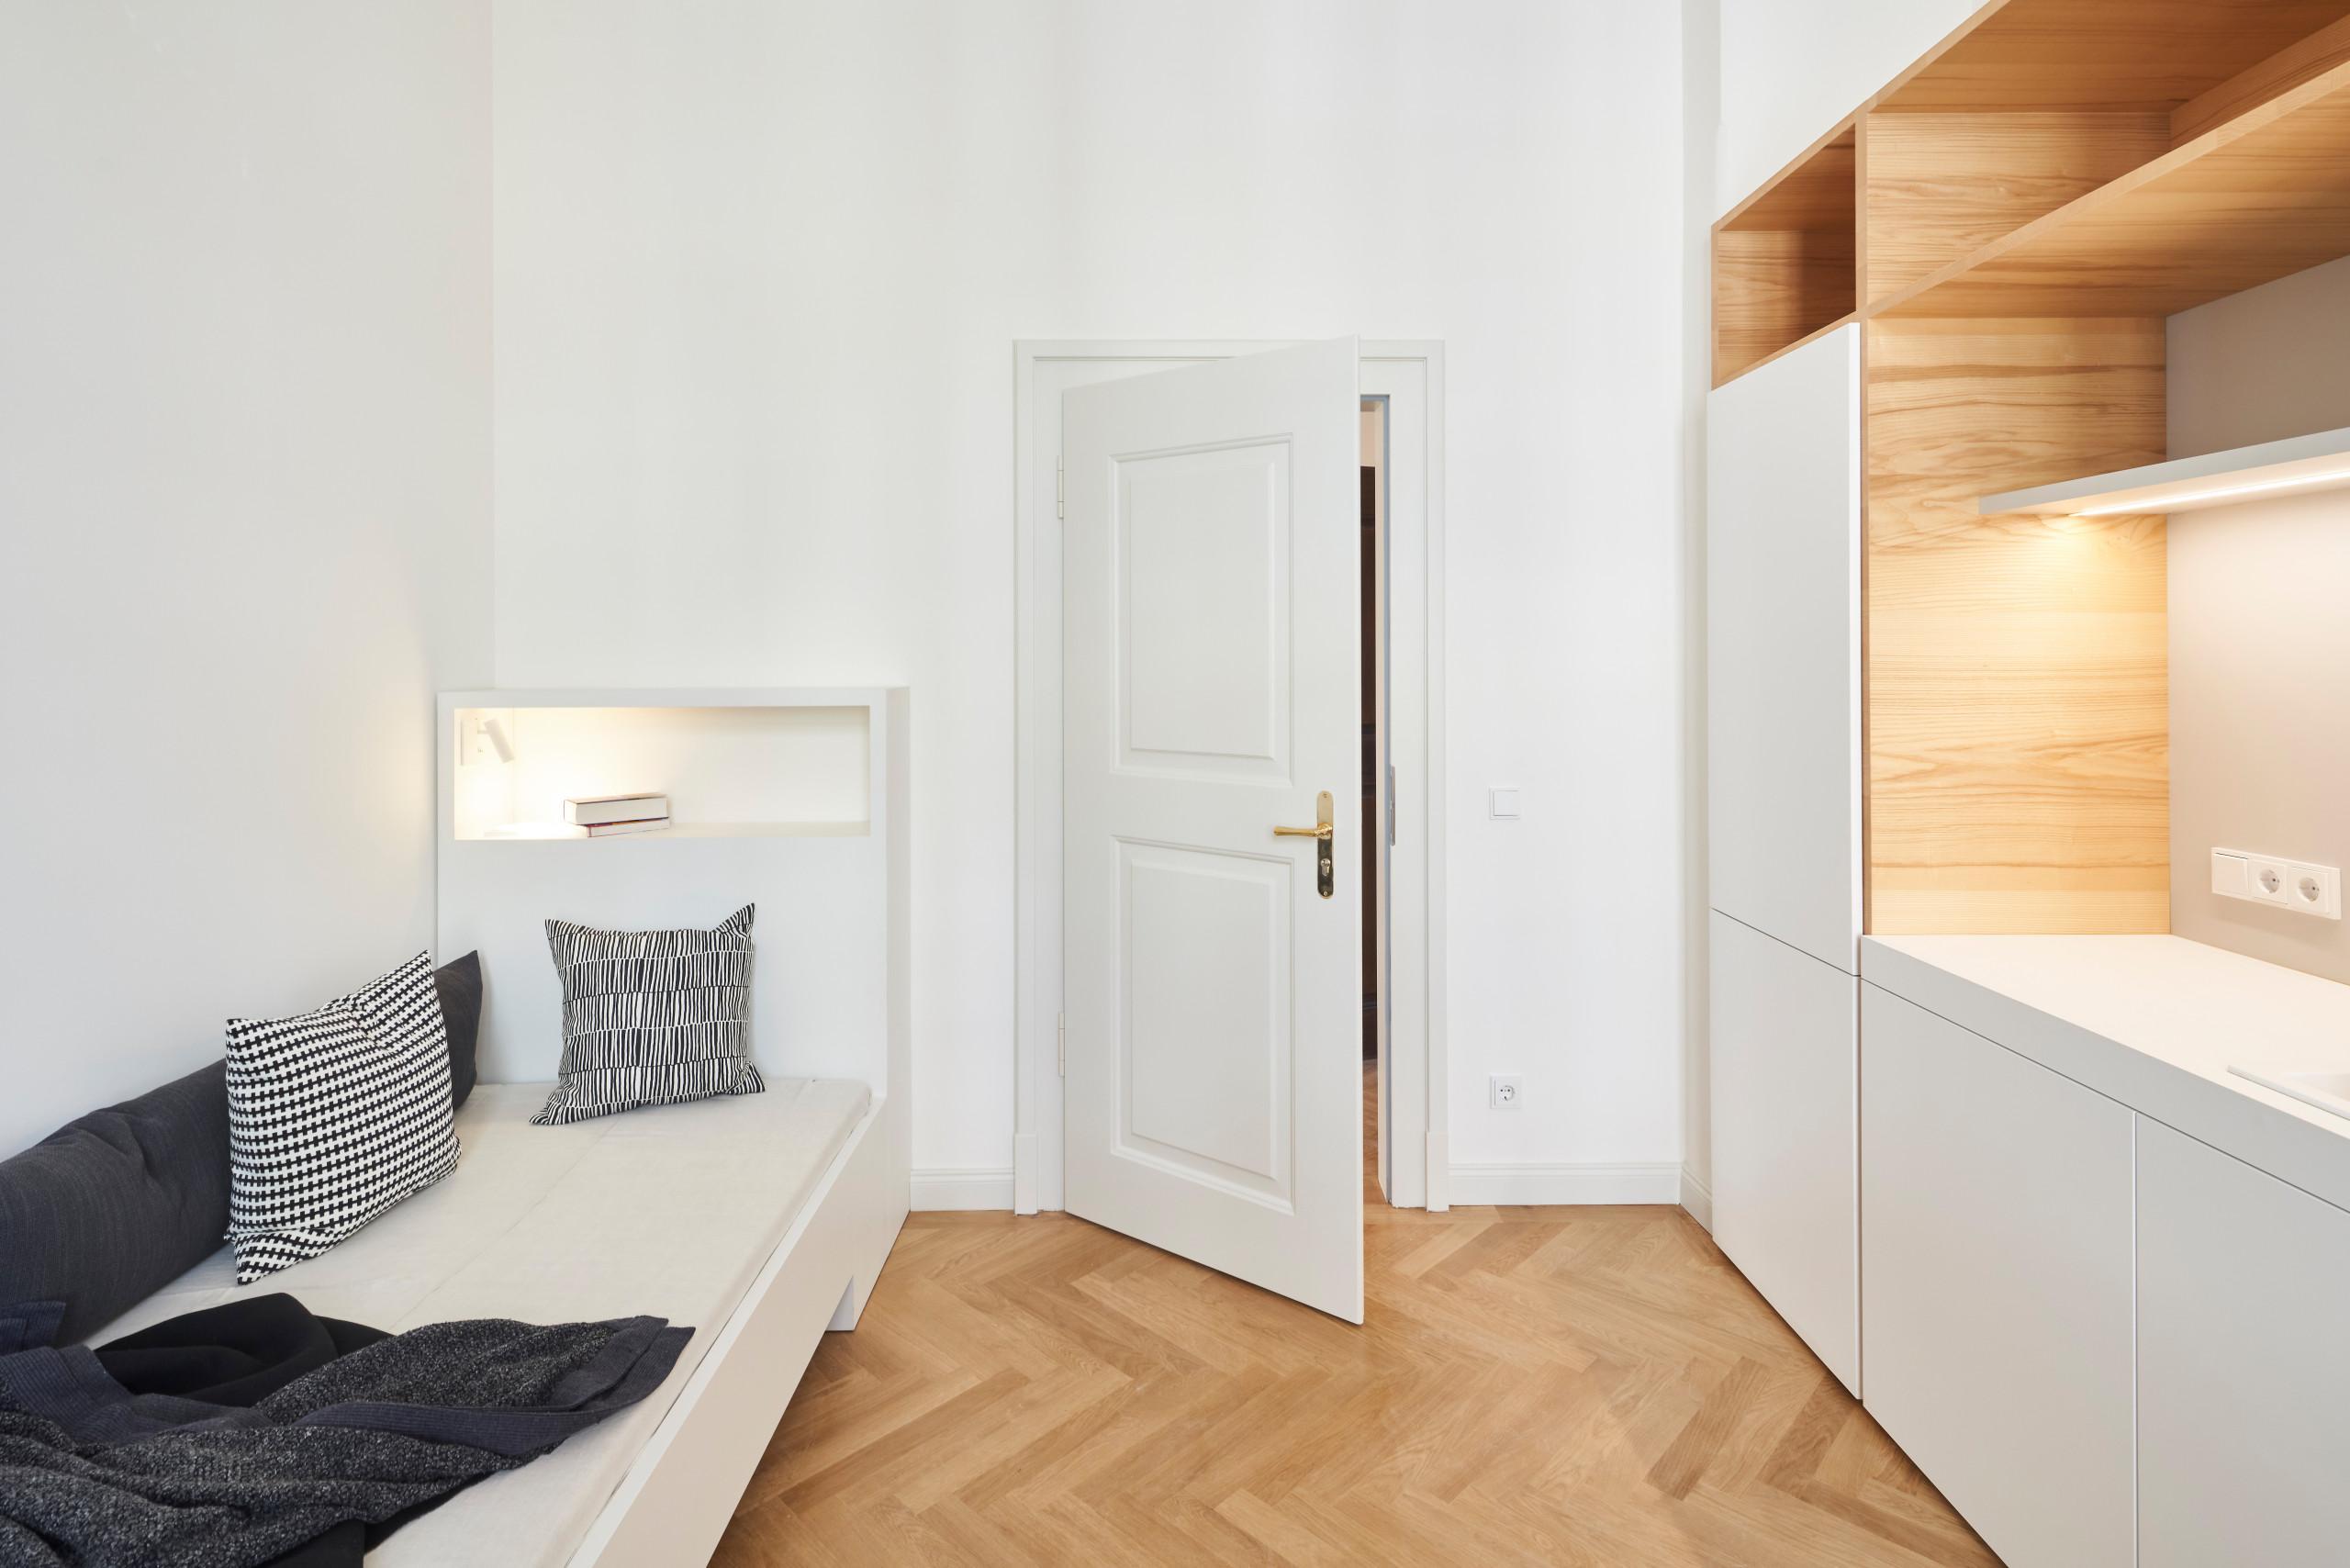 Einzelbett mit integrierter Beleuchtung und Ablagefach, Oberfläche HPL-Schichtstoff